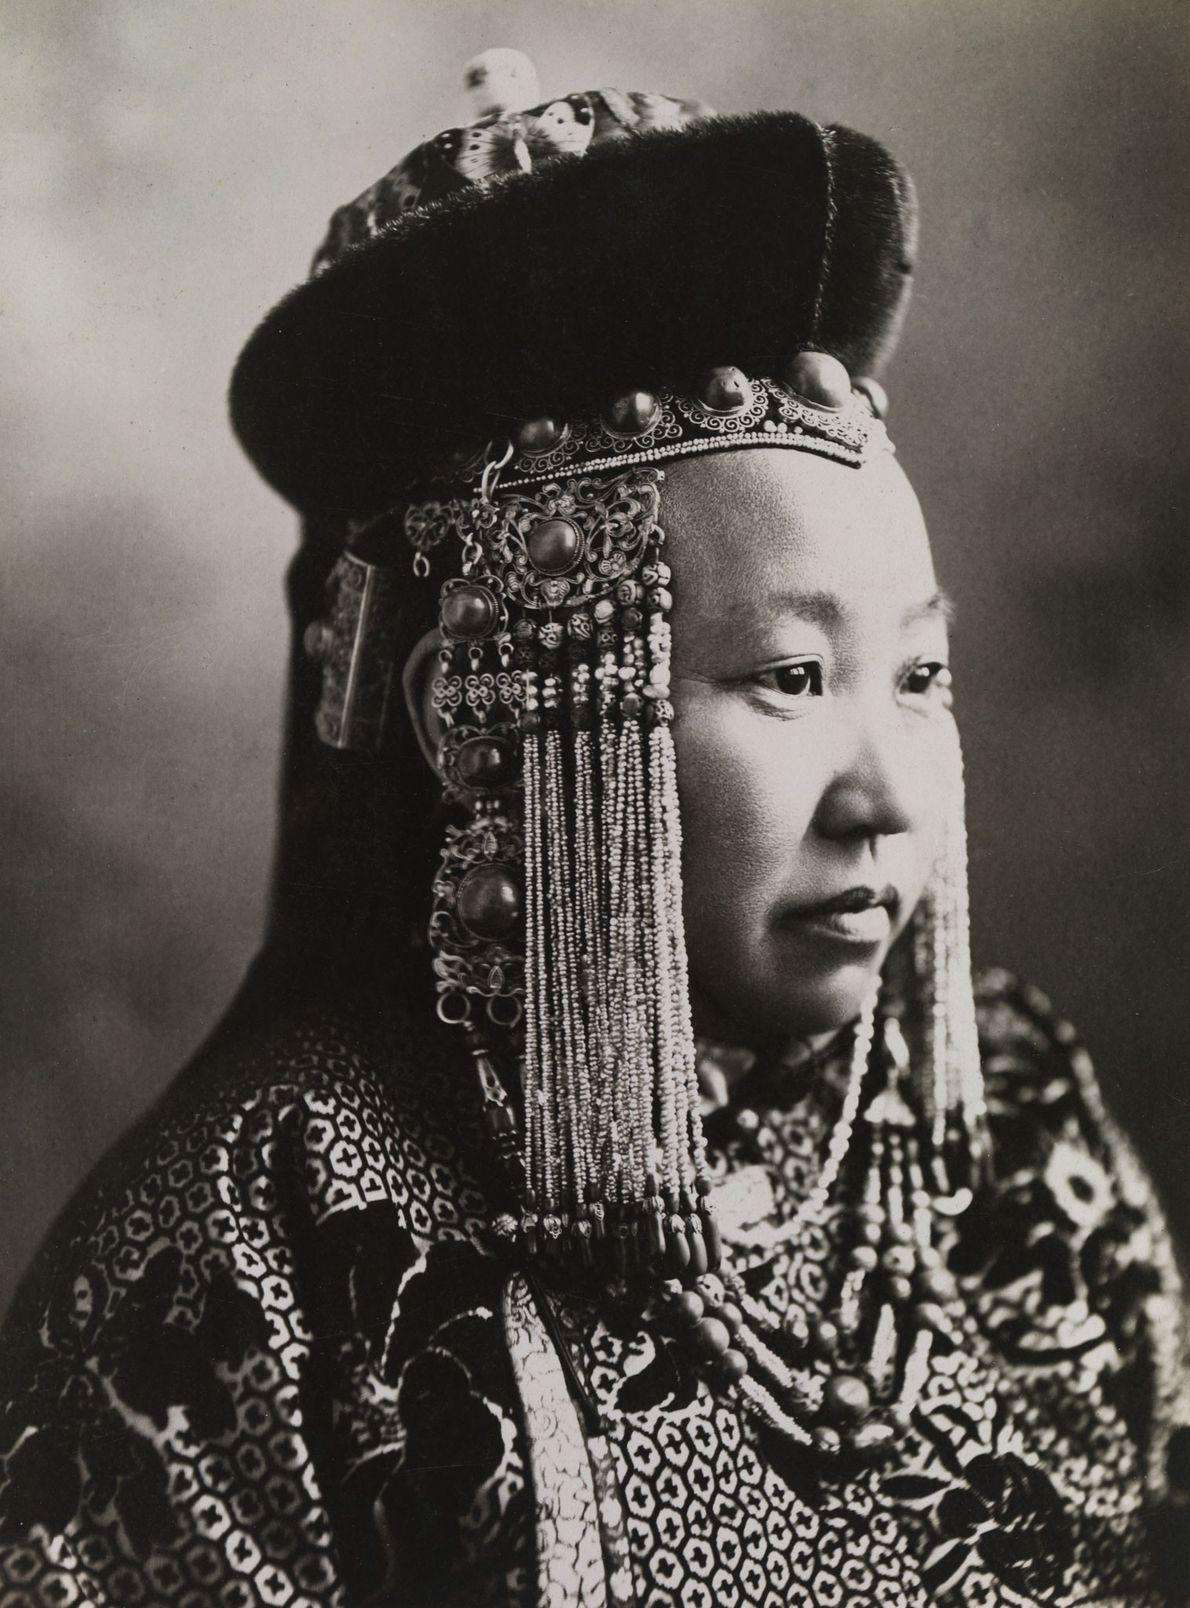 Uma princesa mongol veste um traje da corte completo, incluindo um ornamento tradicional para a cabeça.